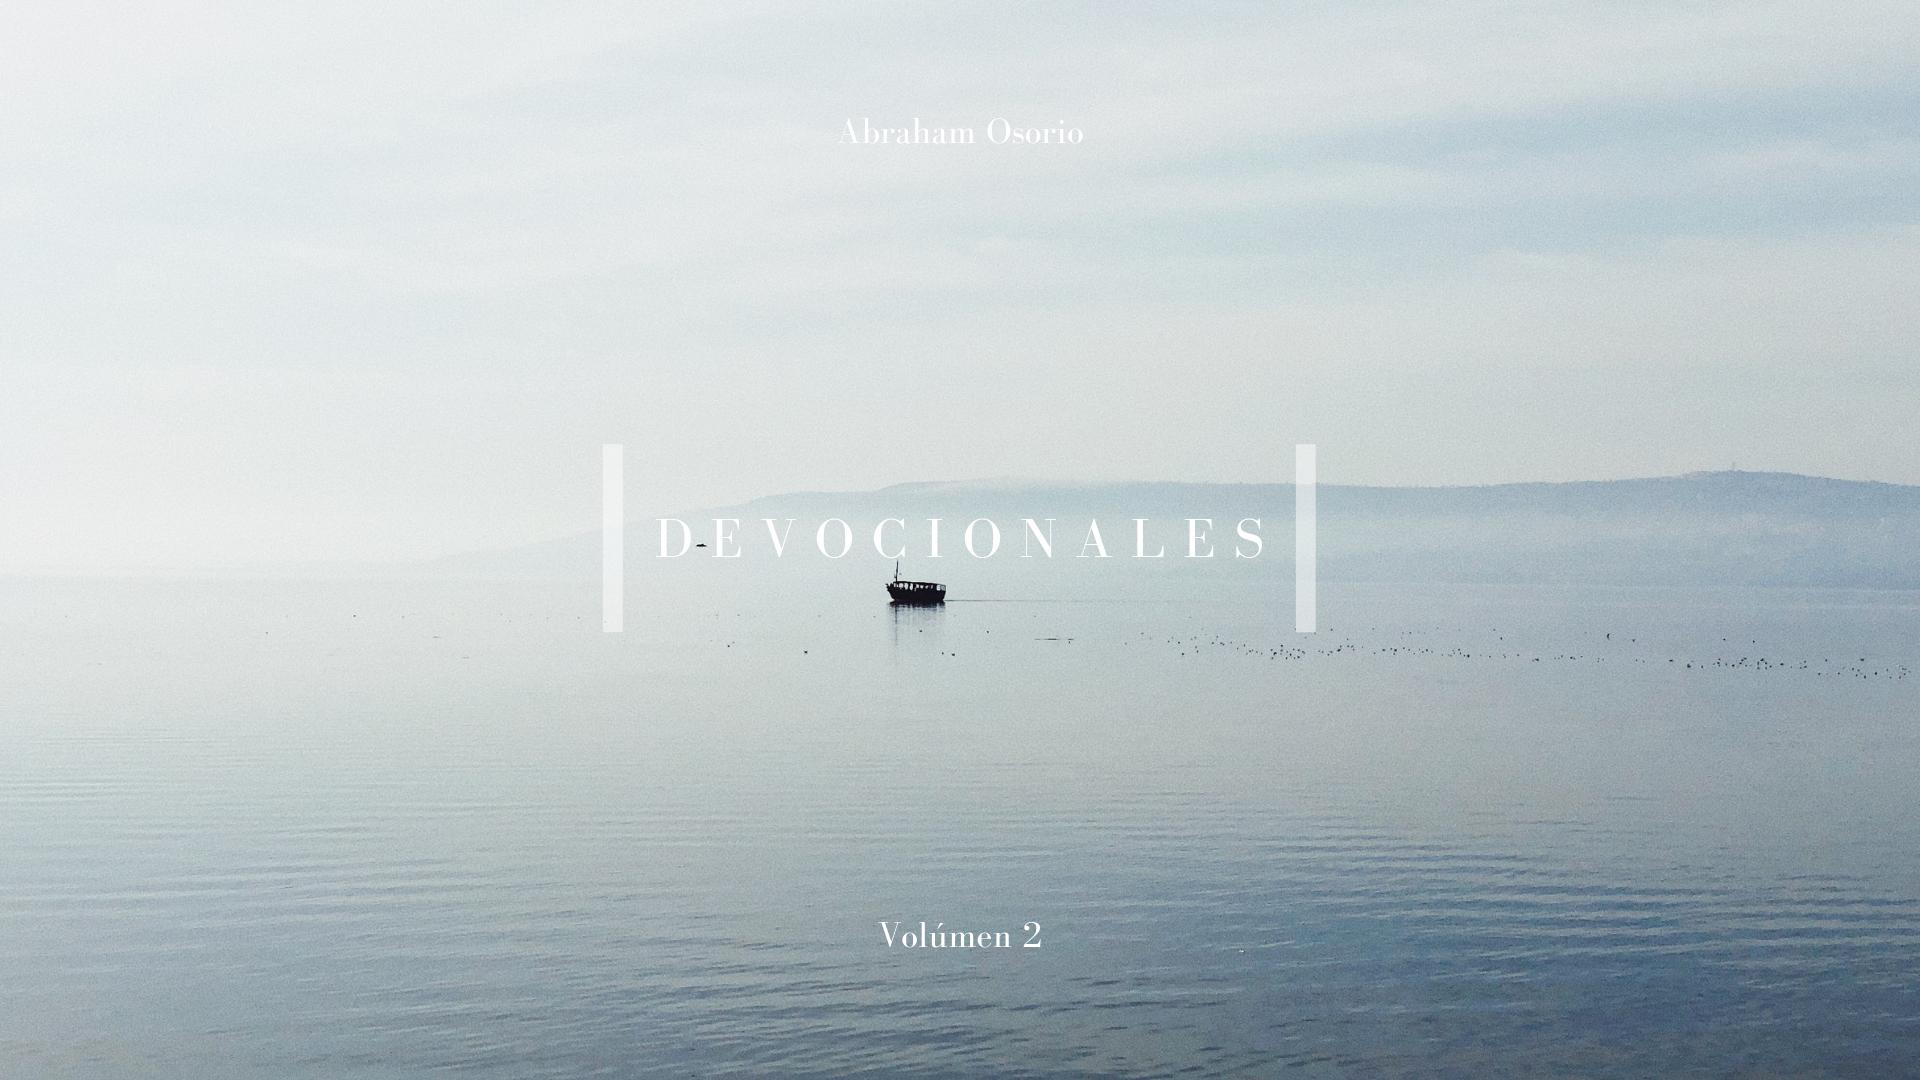 Devocionales Vol. 2 - YT Cover (1).png